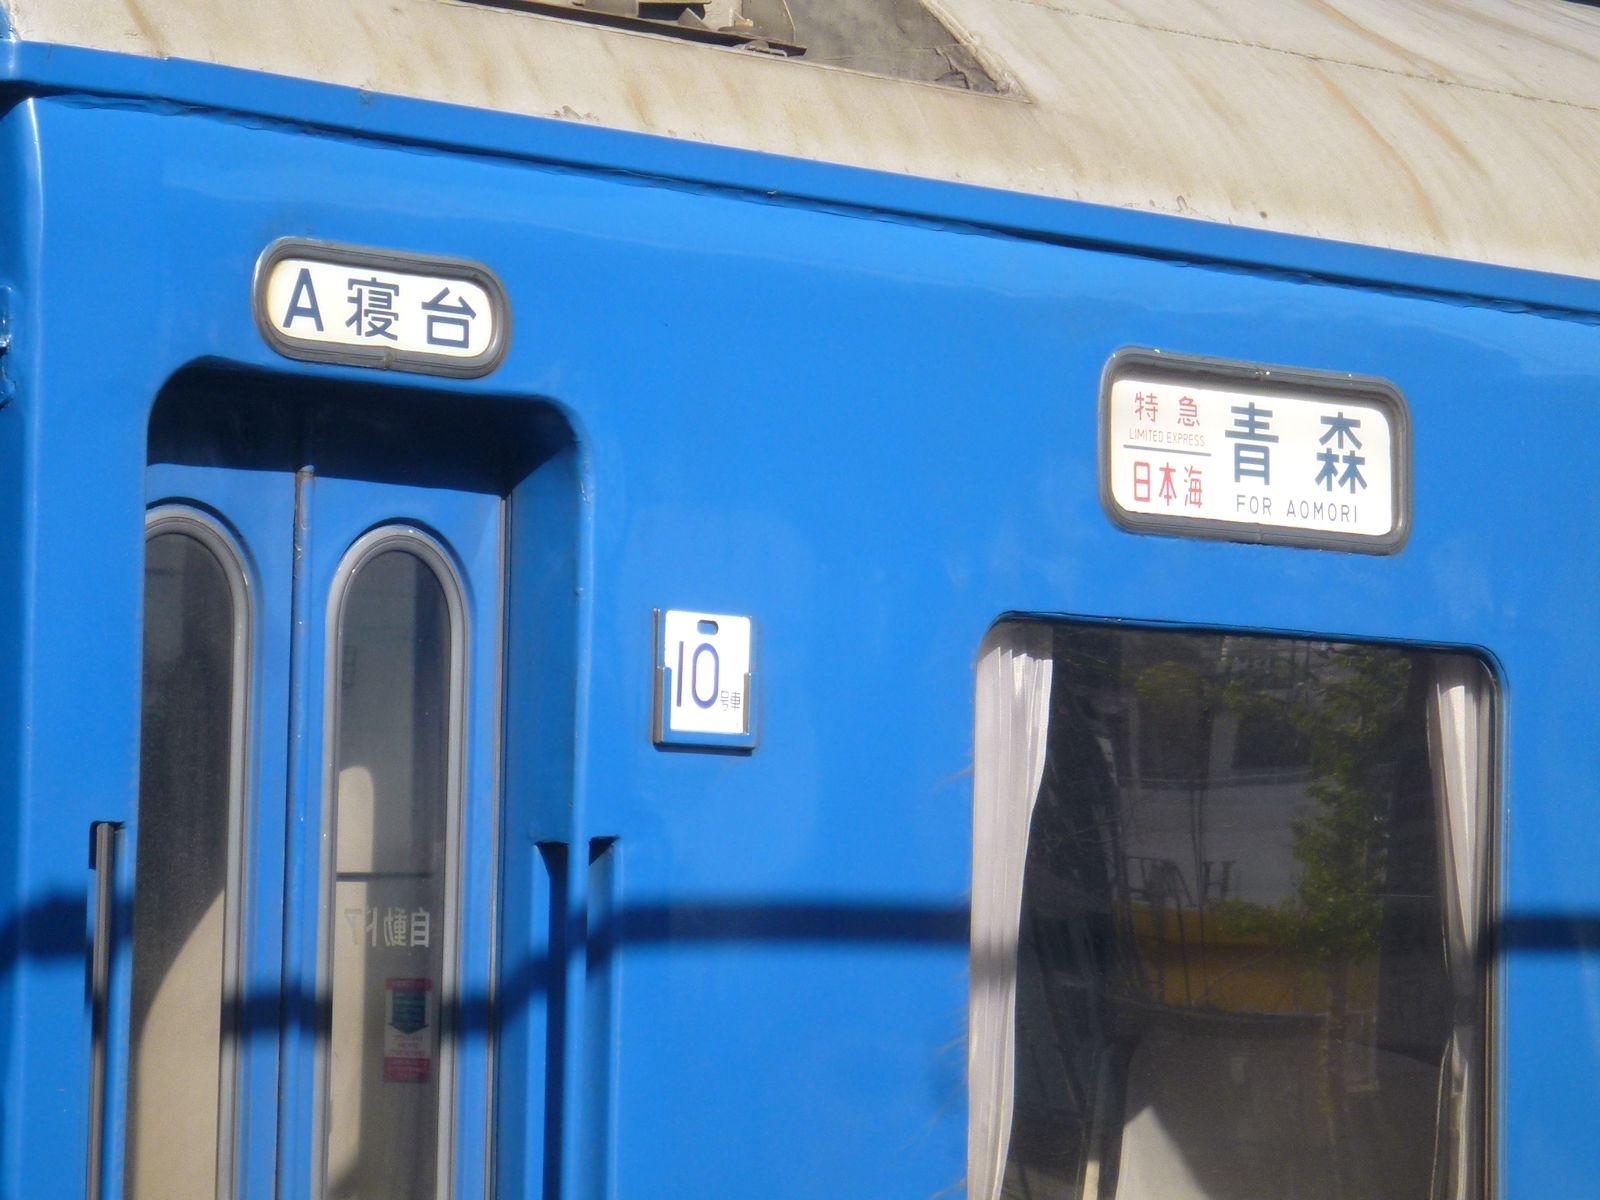 寝台特急日本海号のA寝台乗車口(JPG-190k)